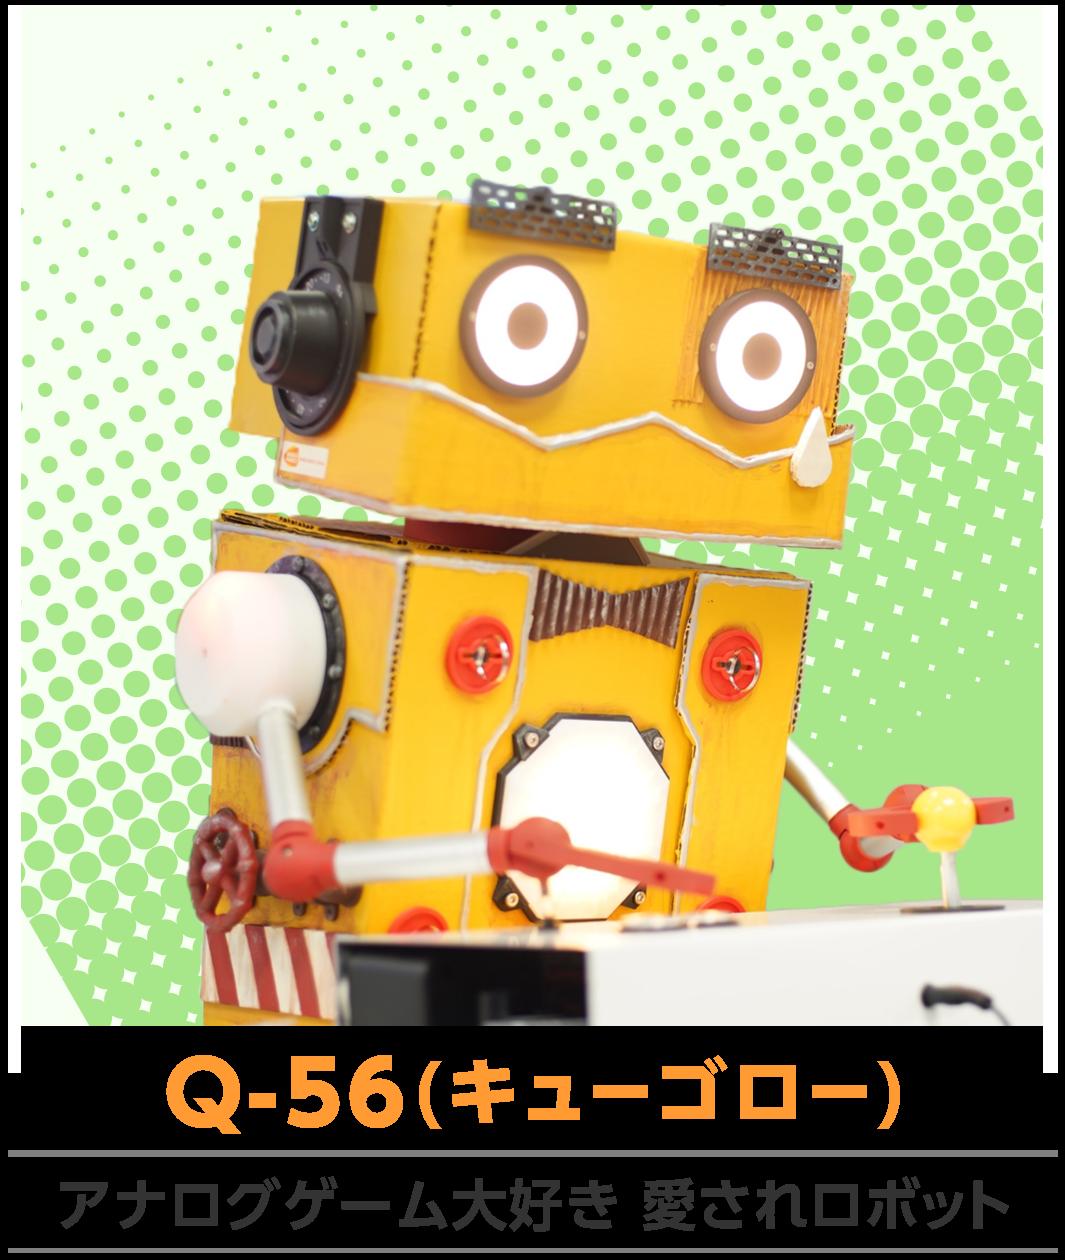 Q-56(キューゴロー)